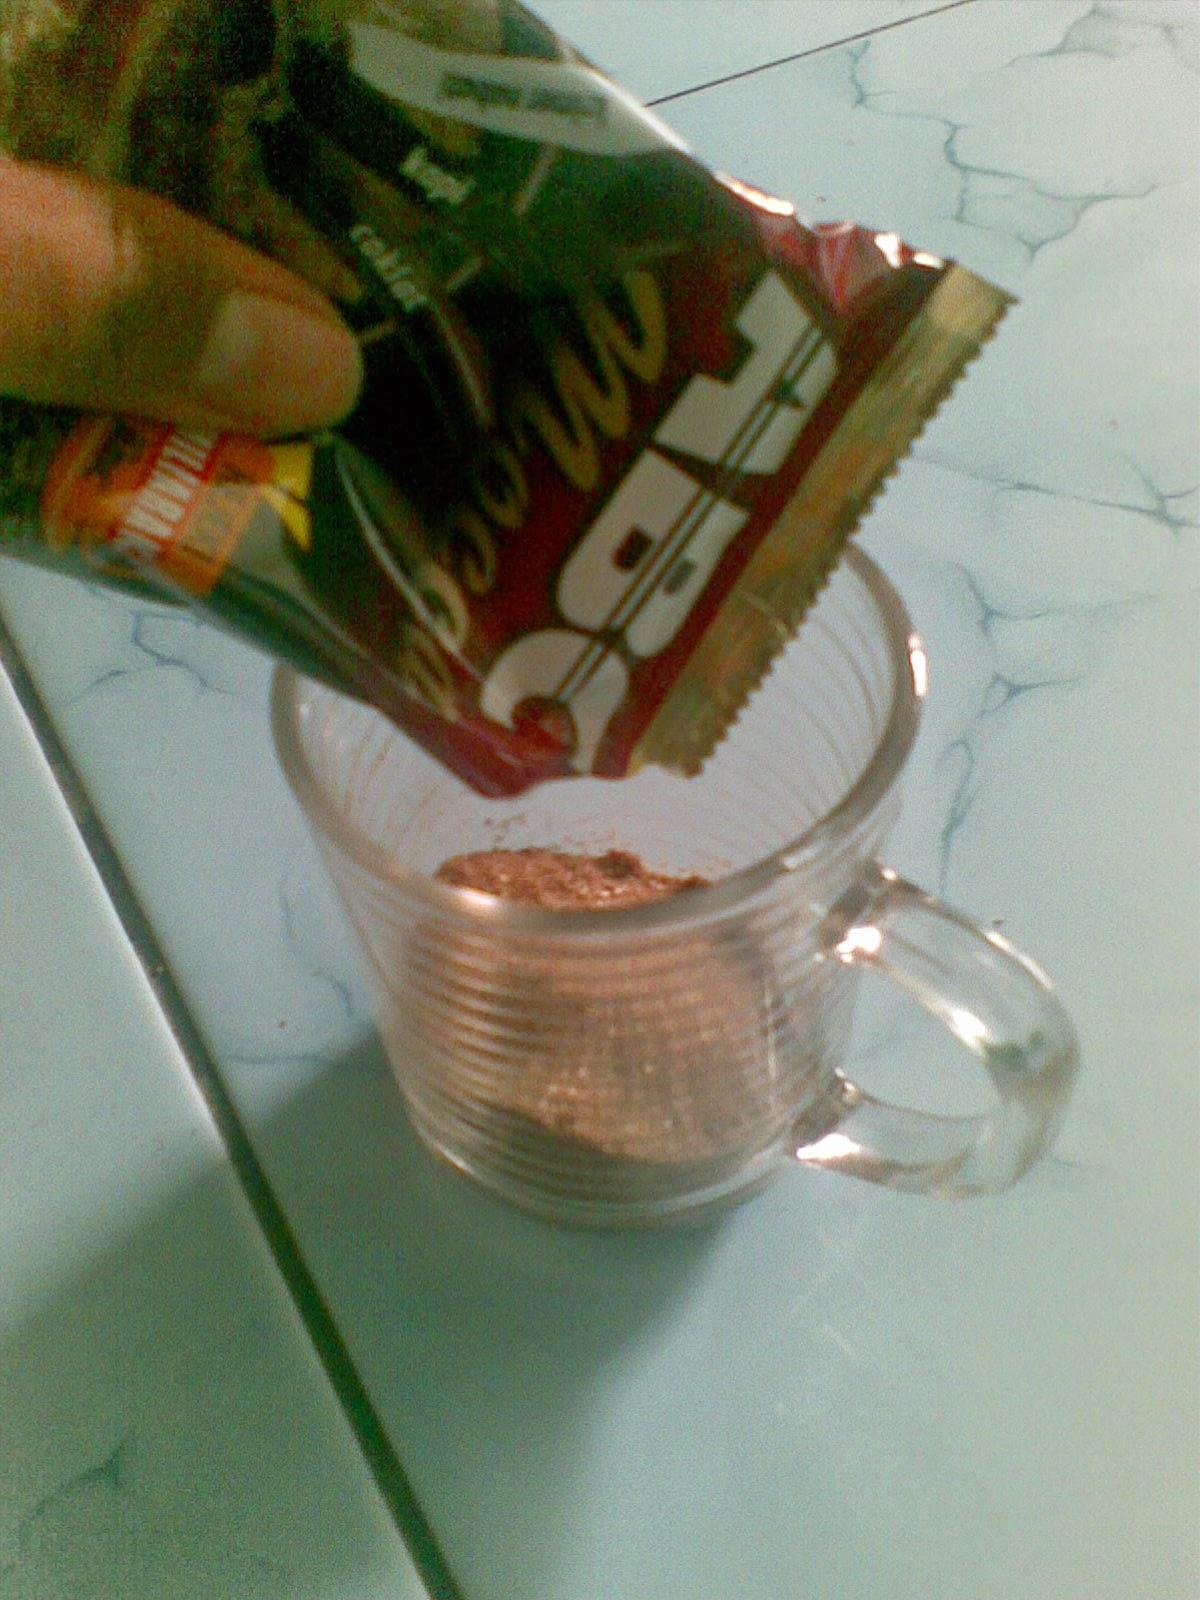 Resep dan teknik cara membuat kopi susu bubuk instan yang benar dan enak